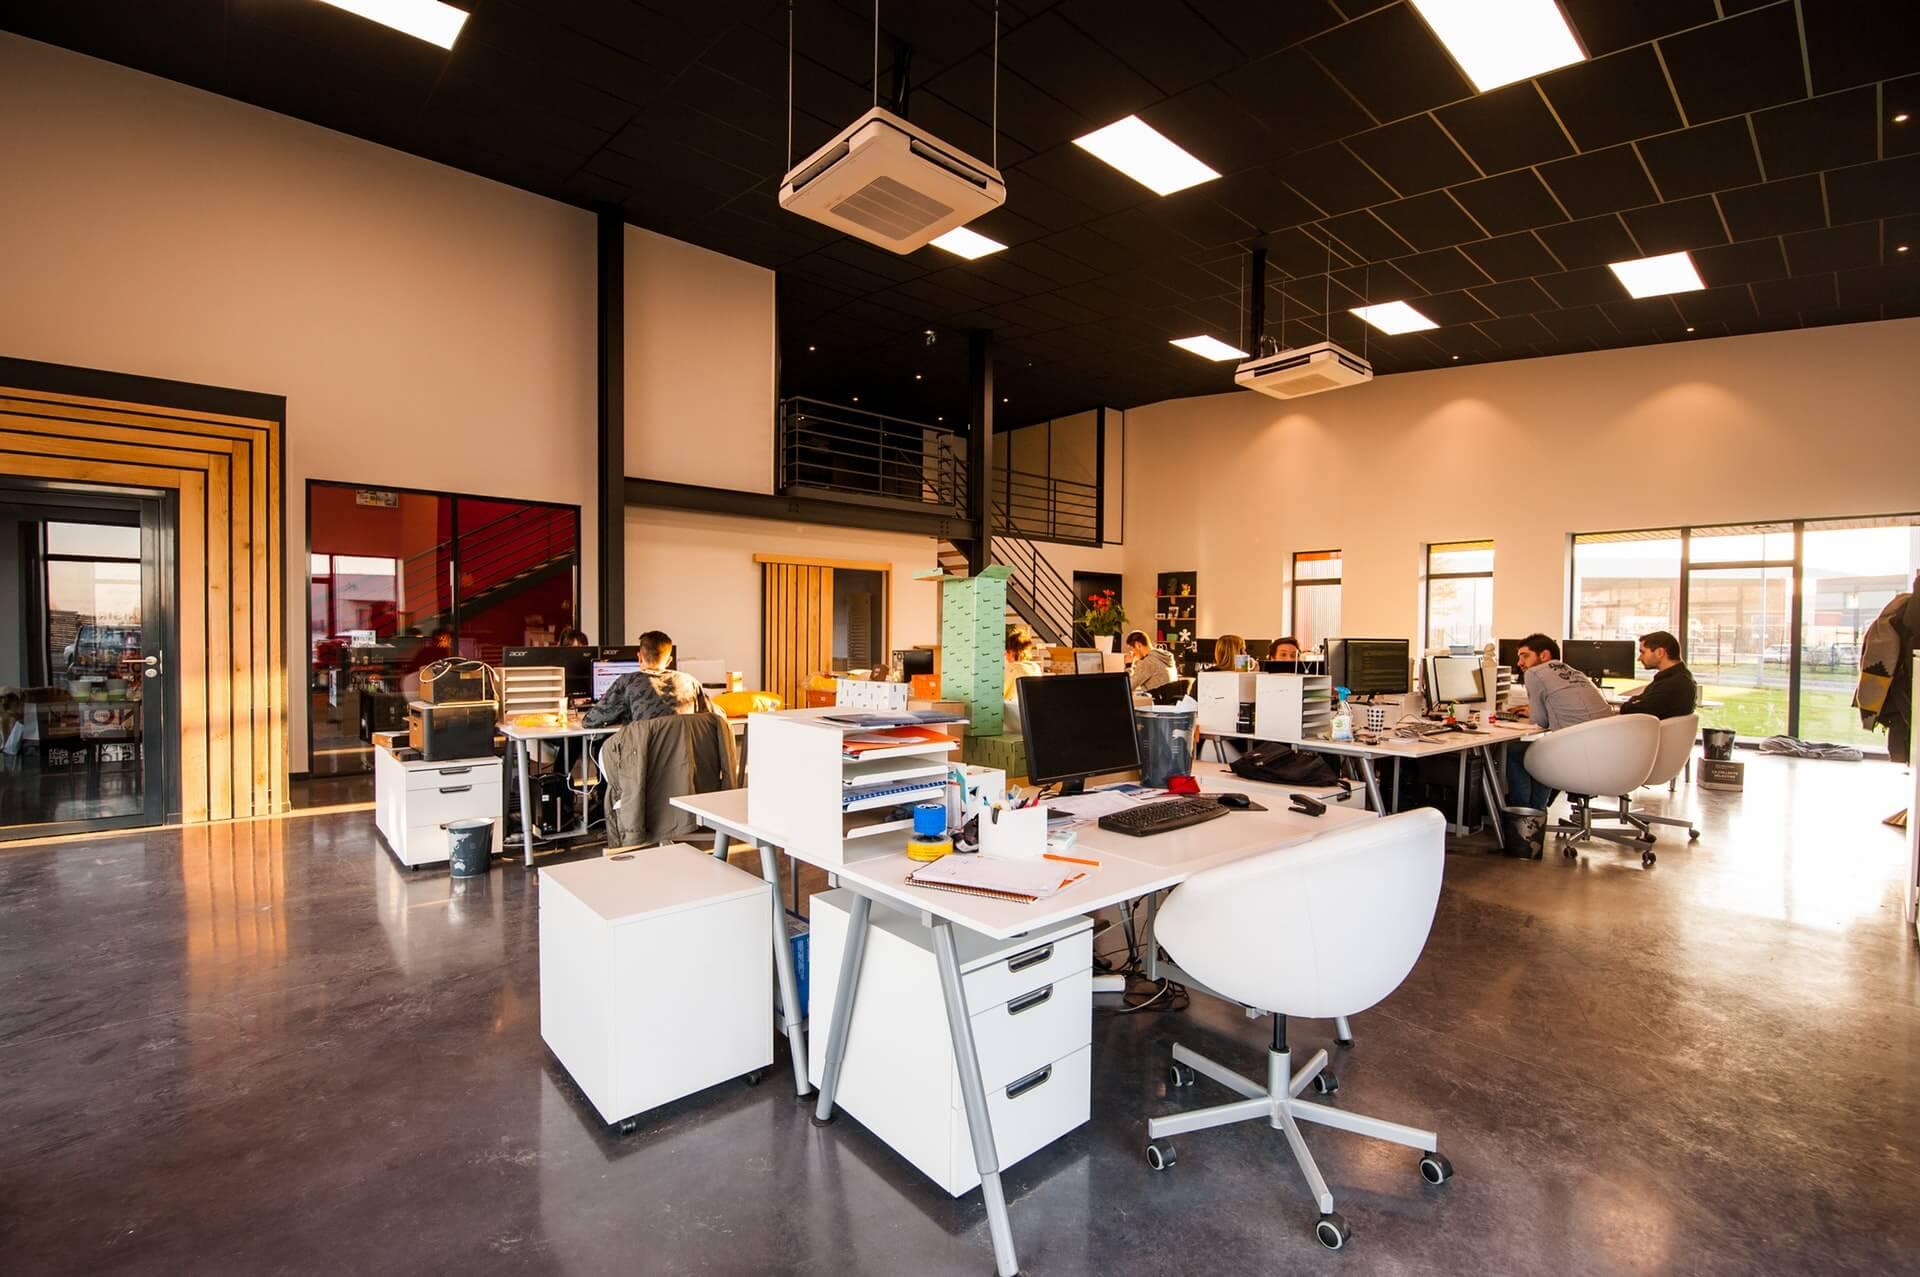 湖南浩安公装公司装修设计资讯知识办公空间装修设计色彩与自然光照的协调运用